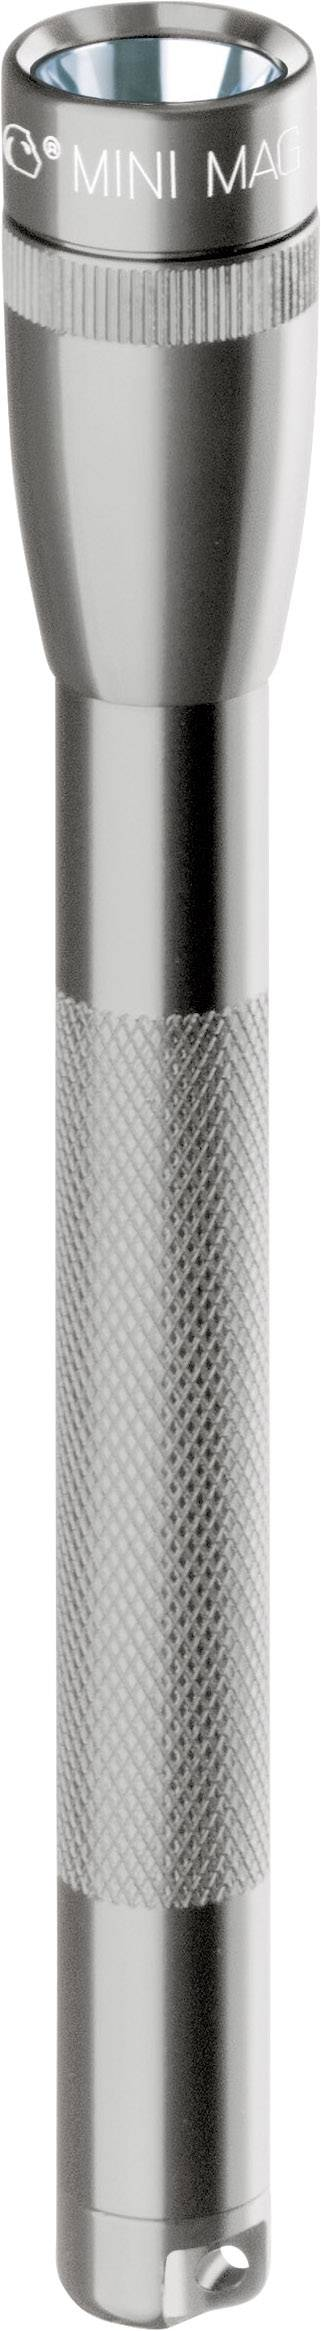 Kapesní svítilna Mag-Lite Mini 2 AAA, M3A096, 3 V, kryptonová, šedá/titan